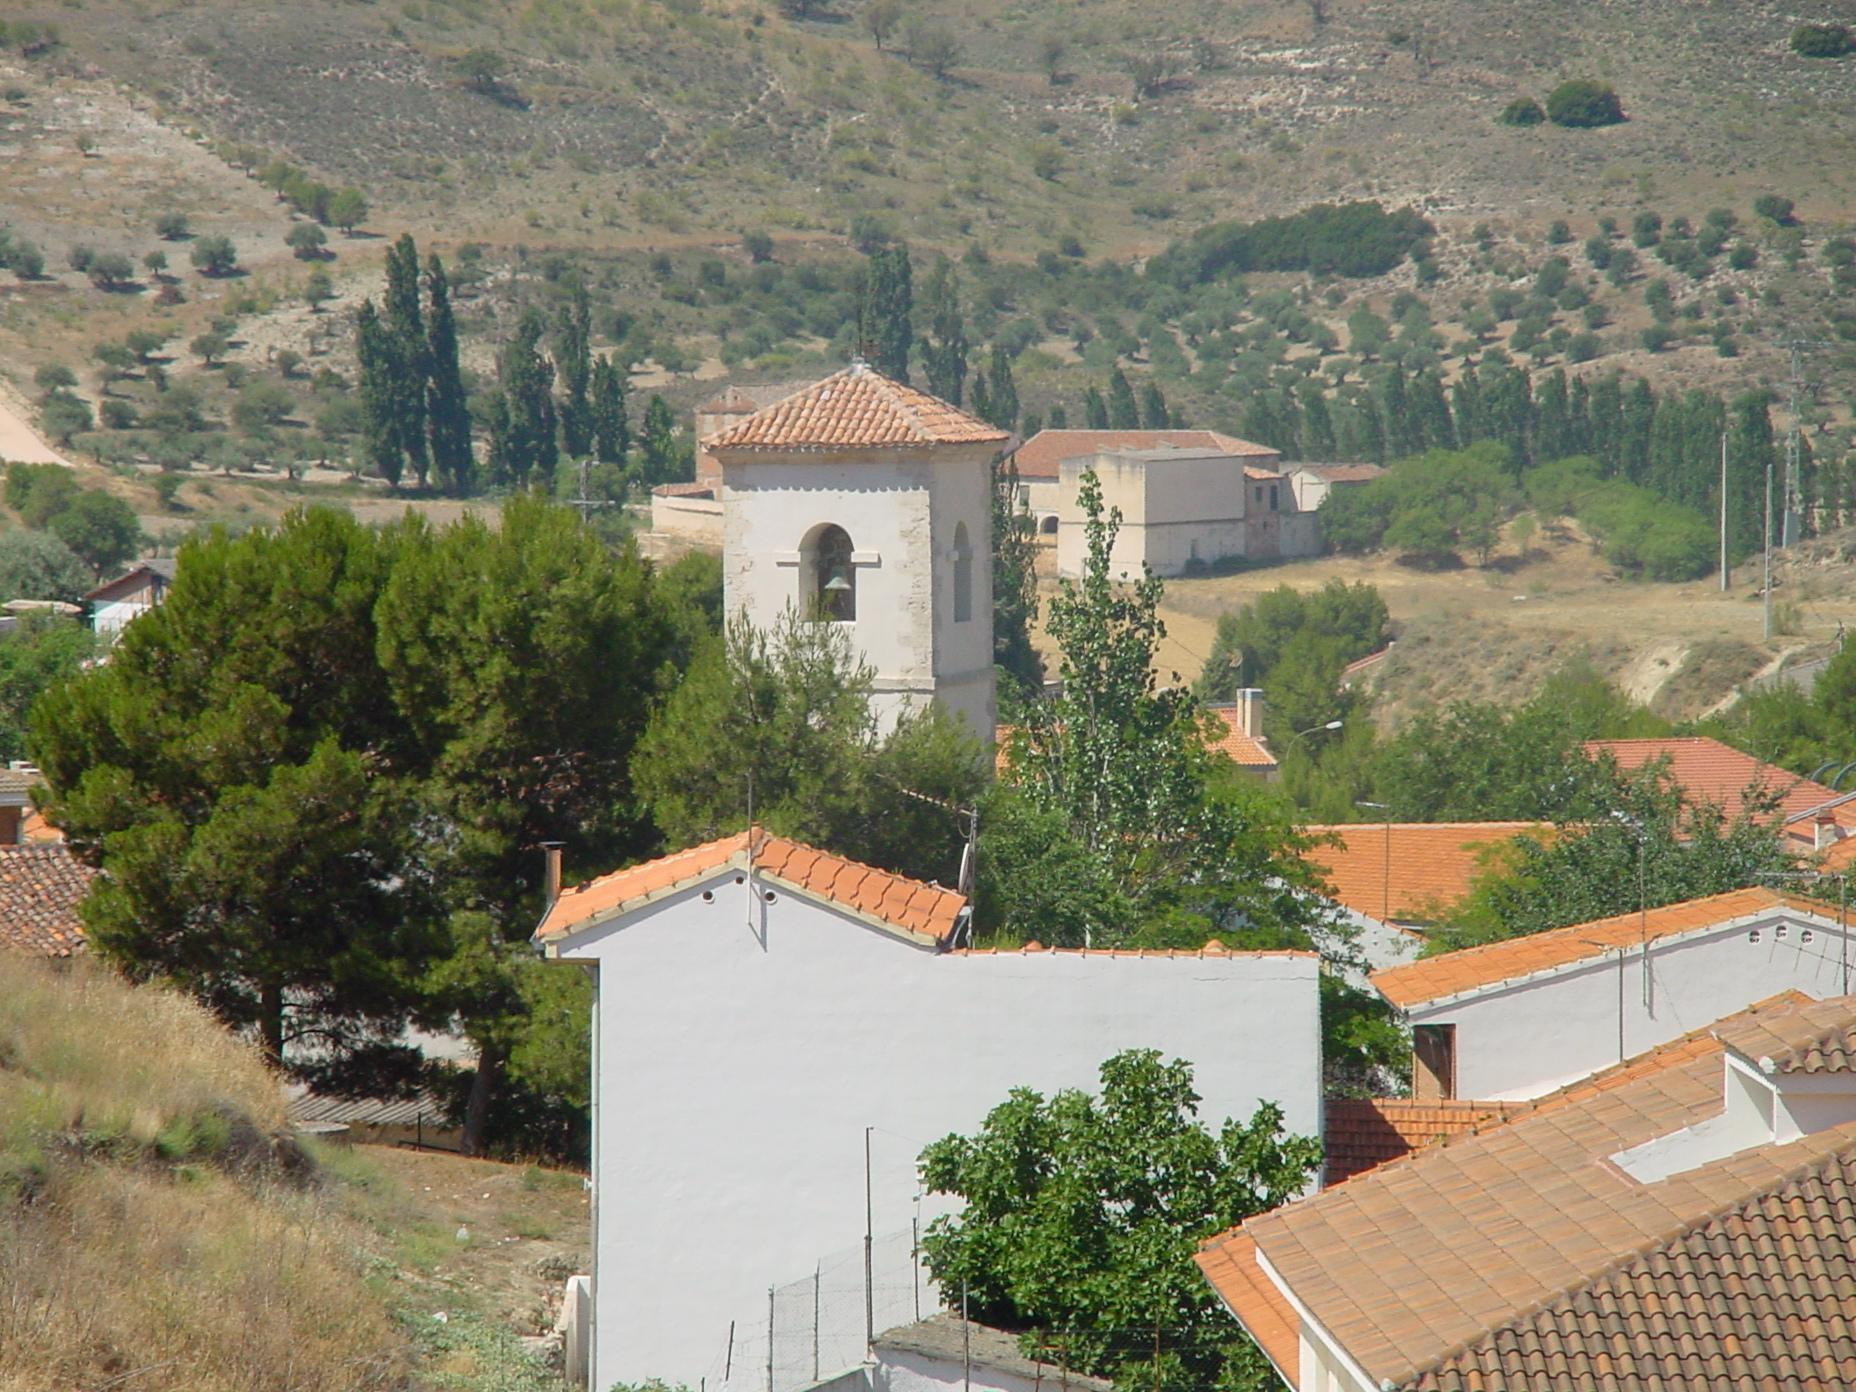 Vista de paisaje e iglesia en Valverde de Alcalá